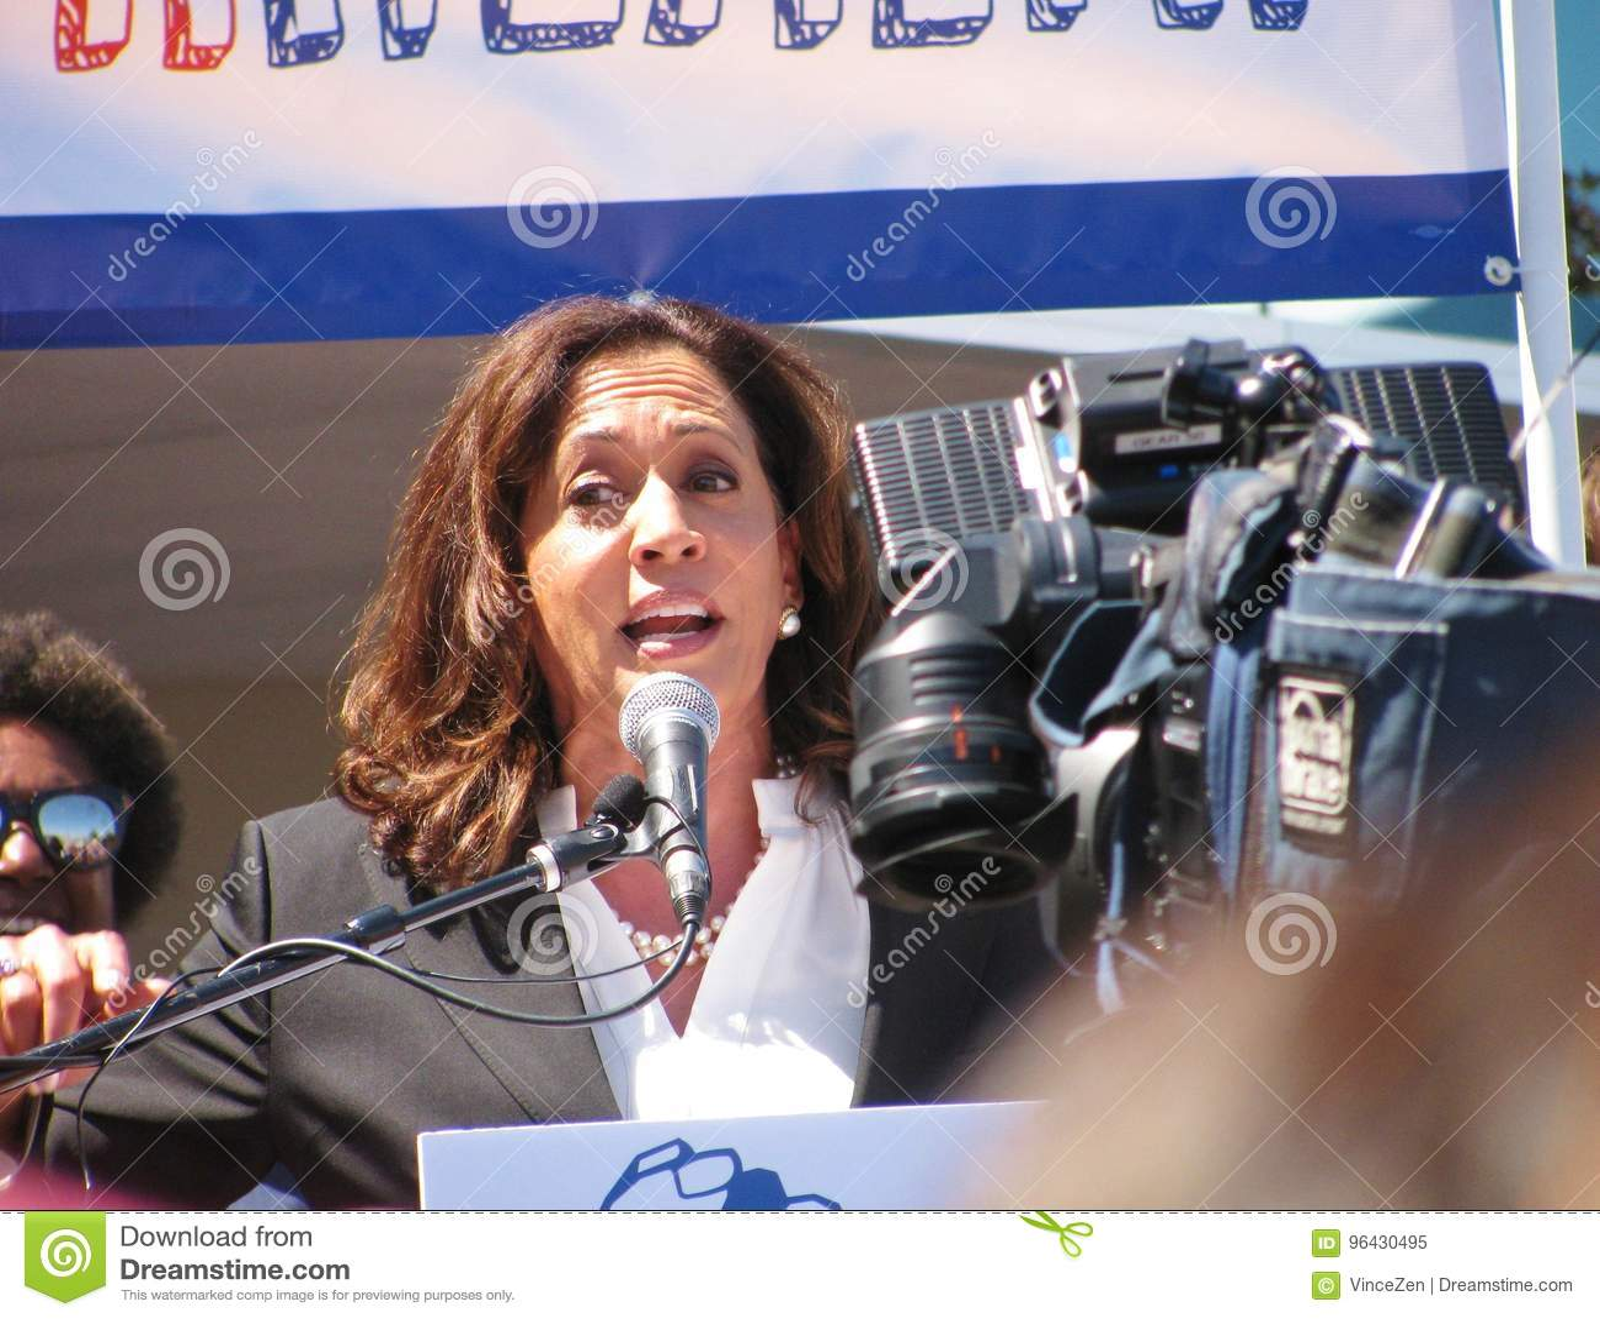 Sen. Kamala Harris, 2020 president candidate, speaks at LA area healthcare rally.